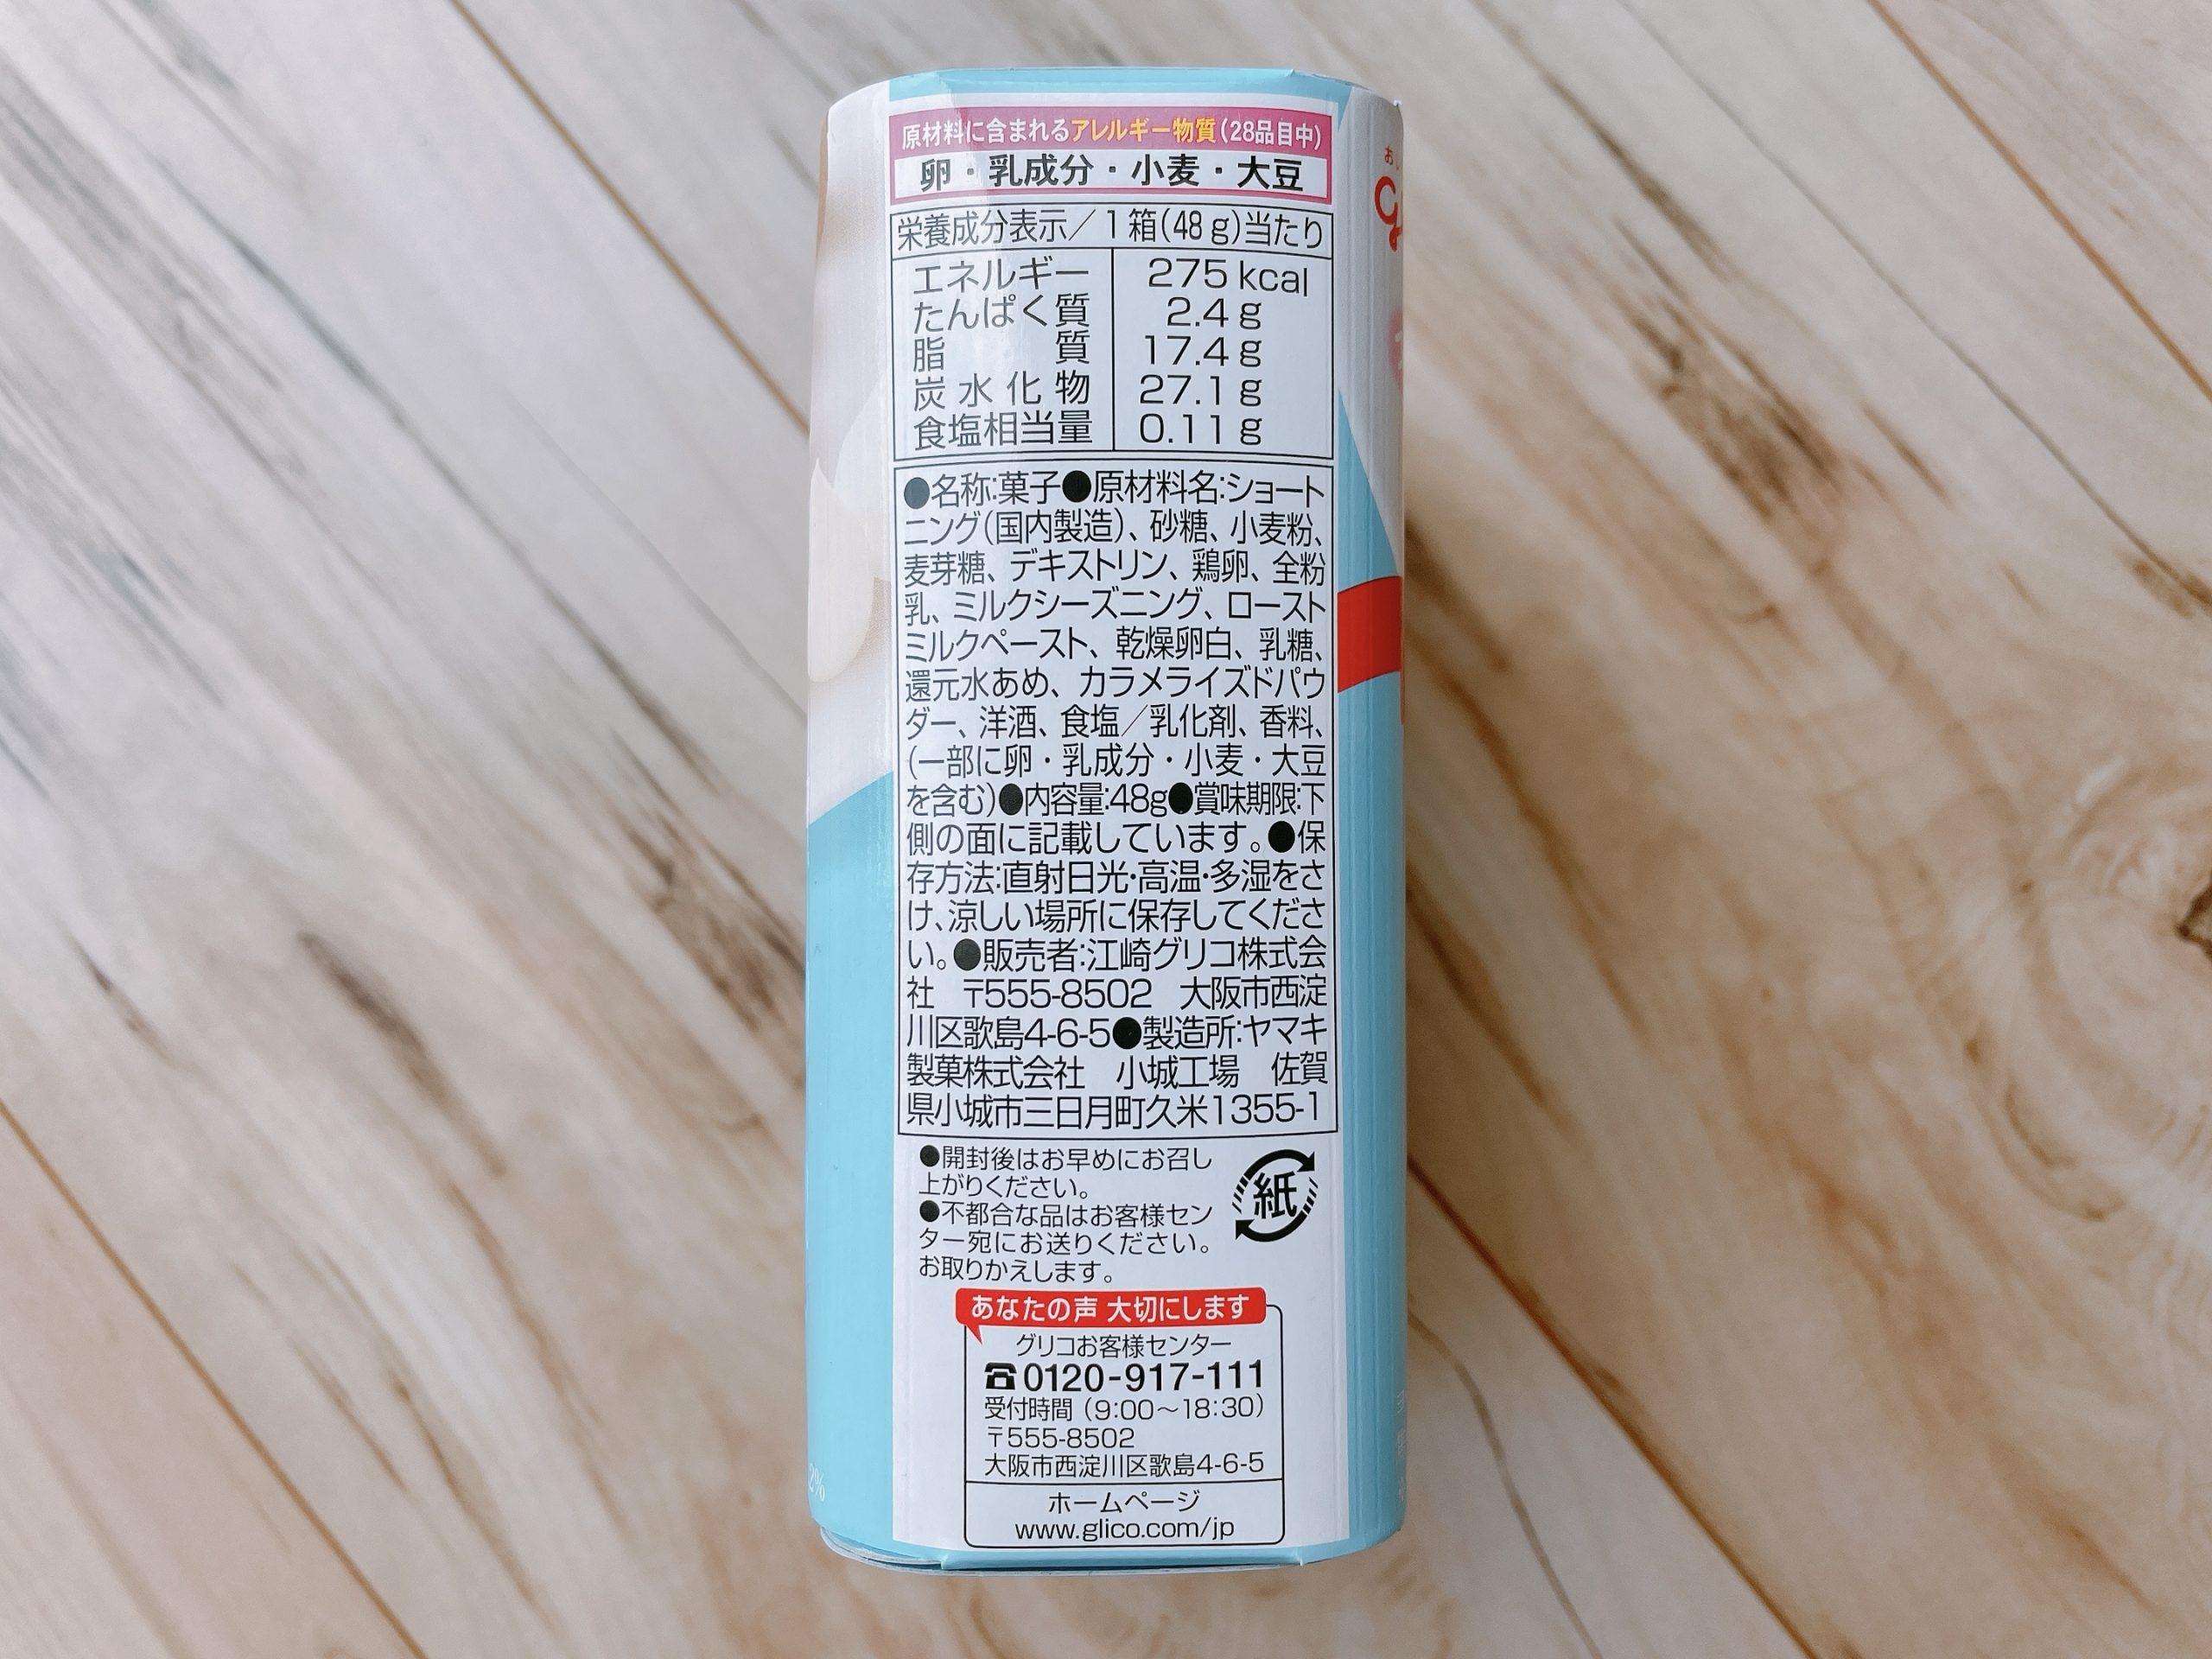 クリームコロン<大人のミルク>原材料やカロリーなど